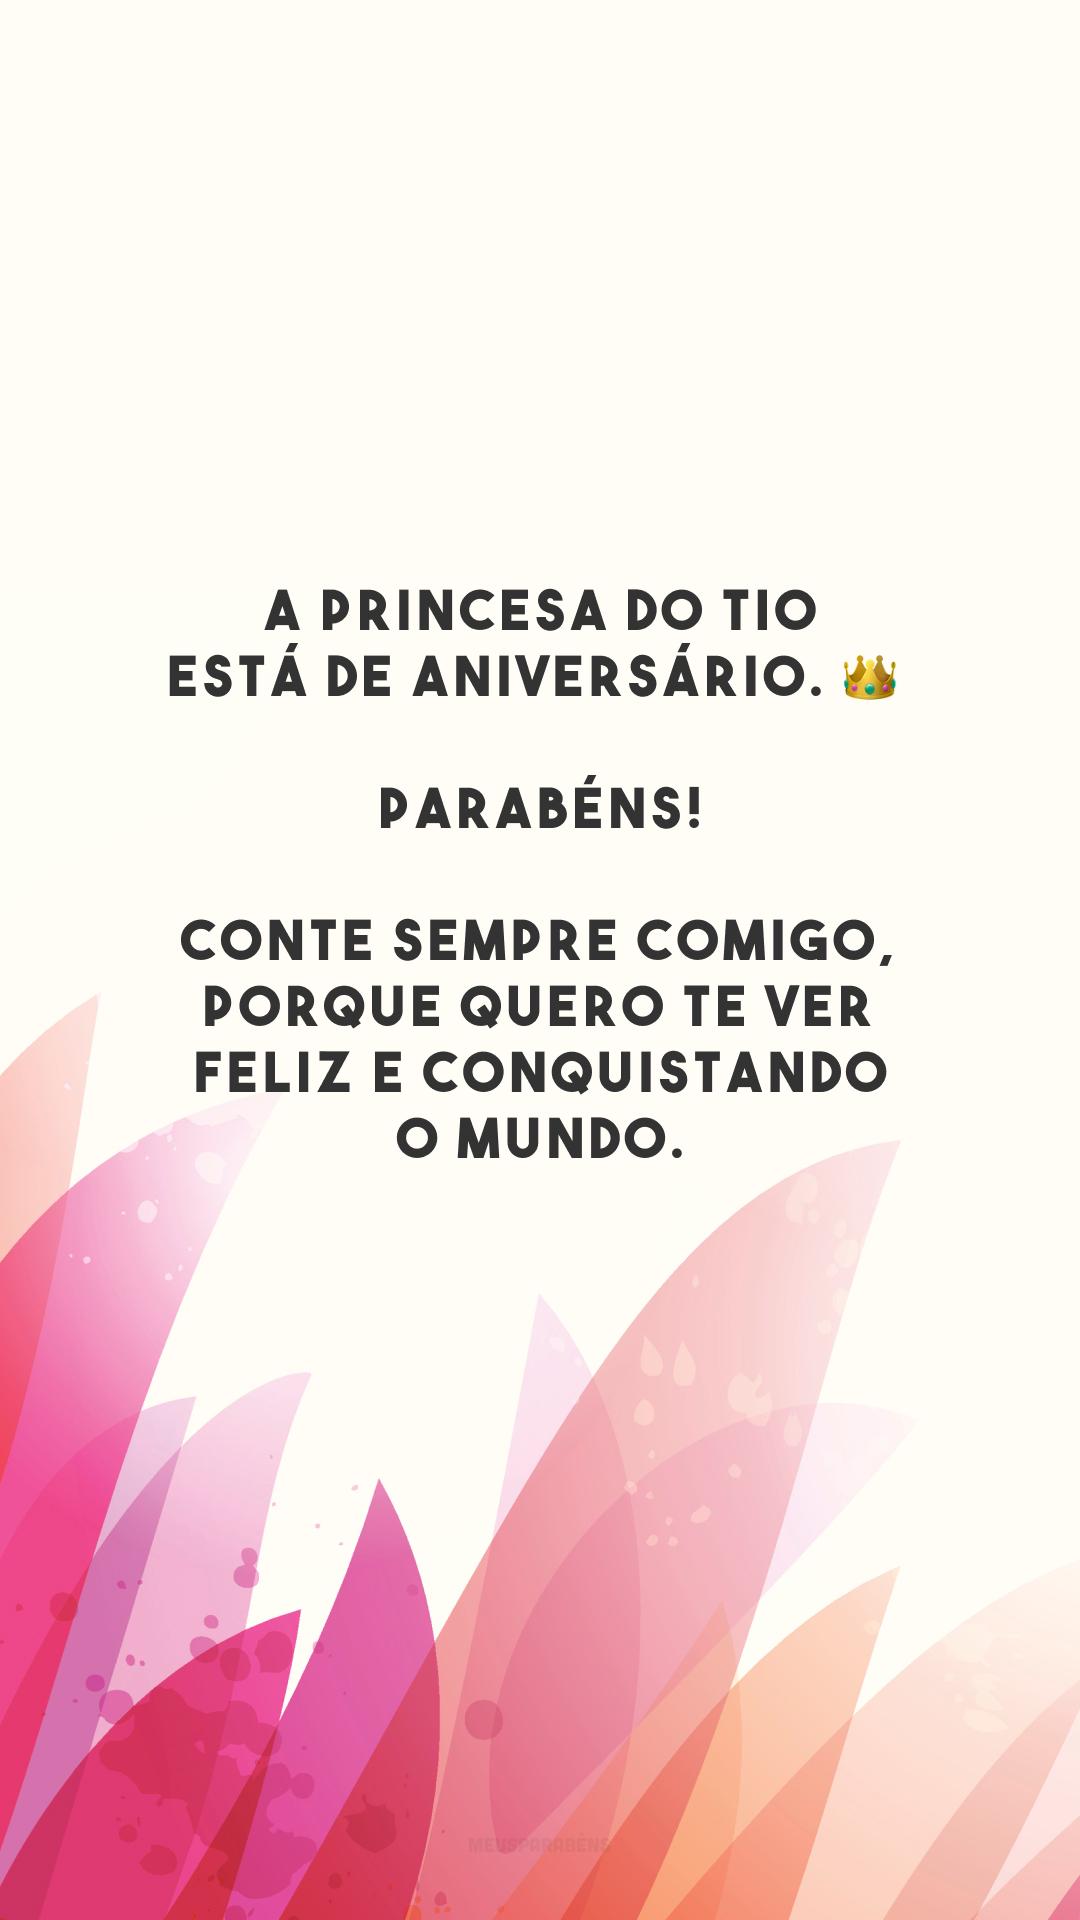 A princesa do tio está de aniversário. 👑 Parabéns! Conte sempre comigo, porque quero te ver feliz e conquistando o mundo.